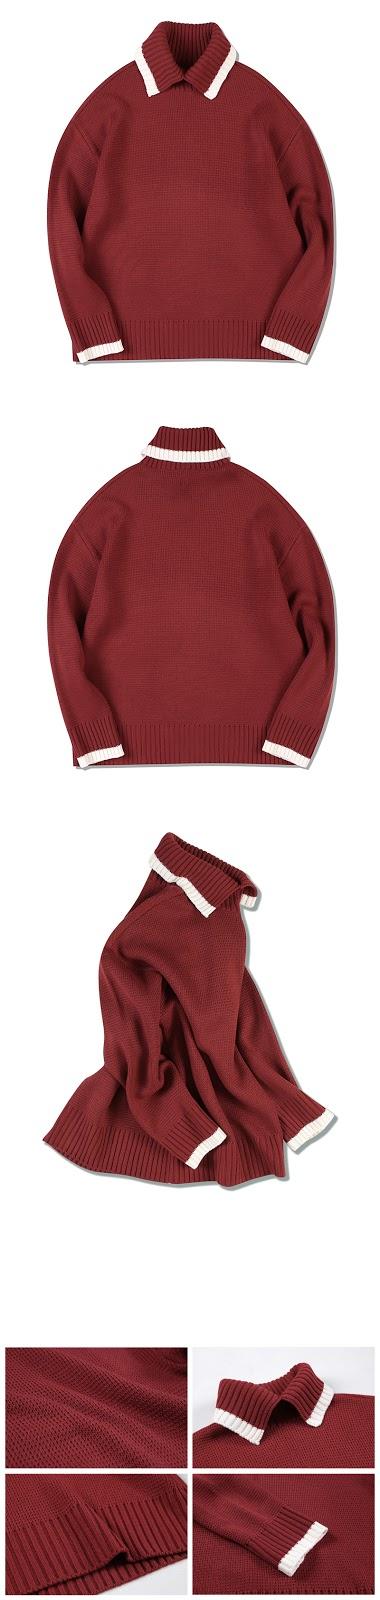 터틀넥 스웨터 가격